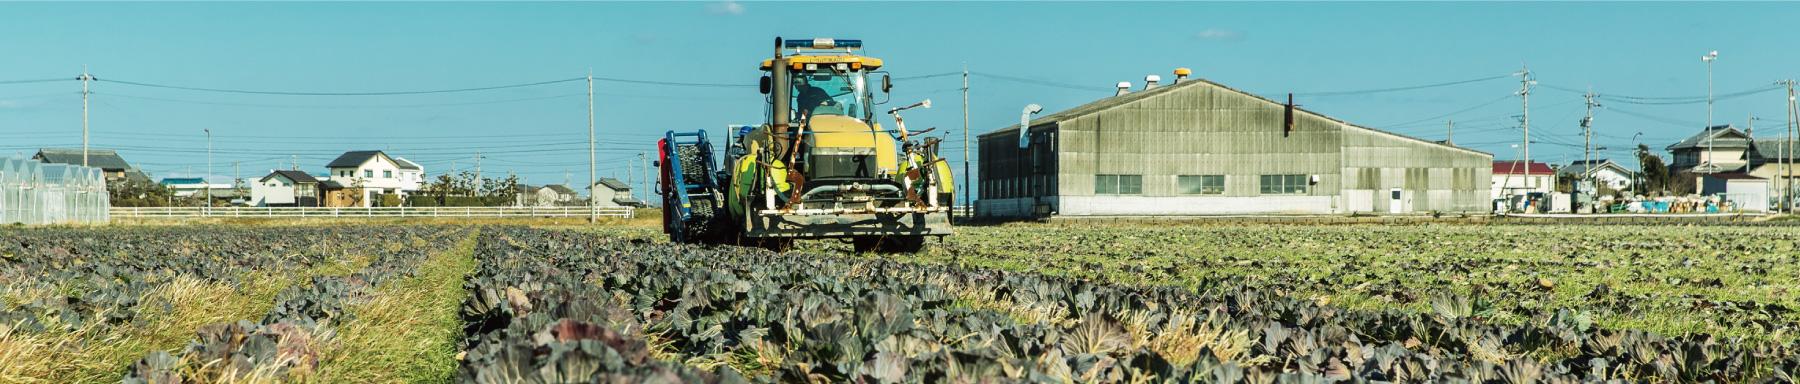 農作物たち